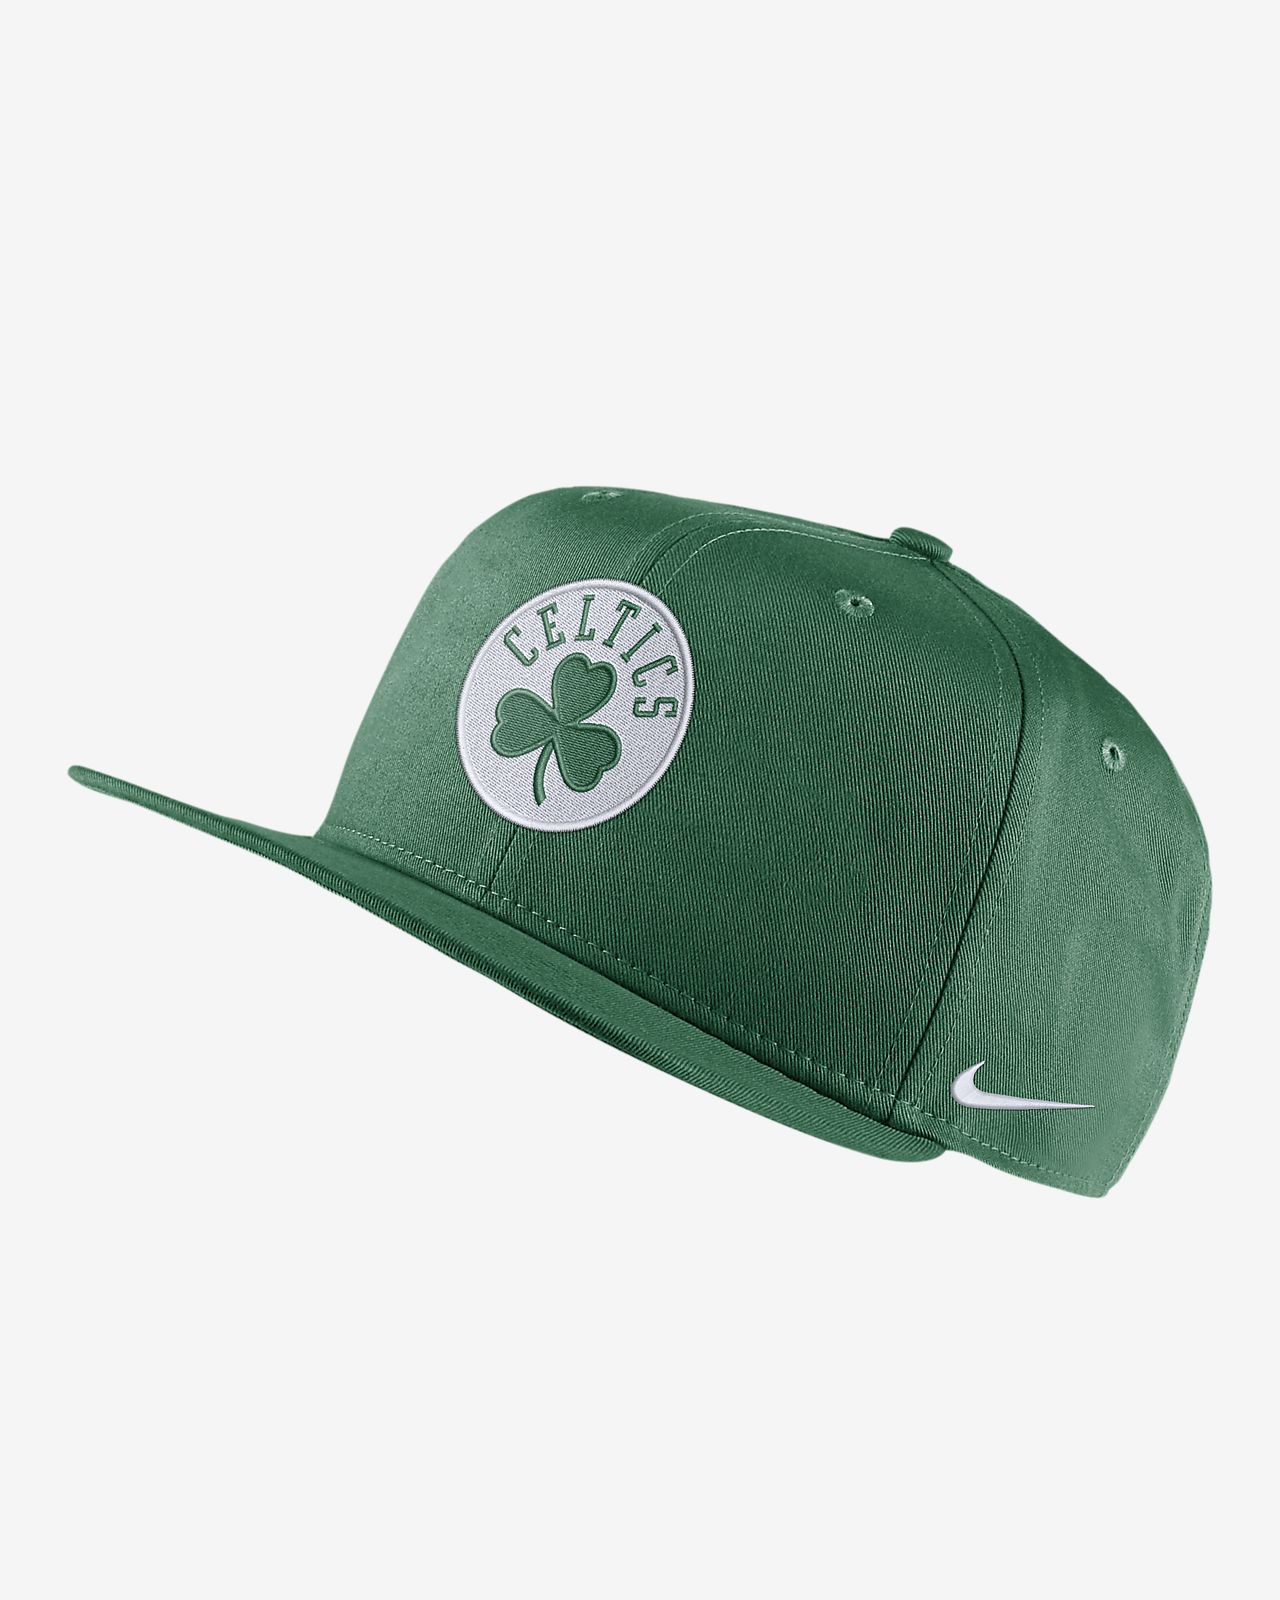 Boston Celtics Nike Pro NBA Cap